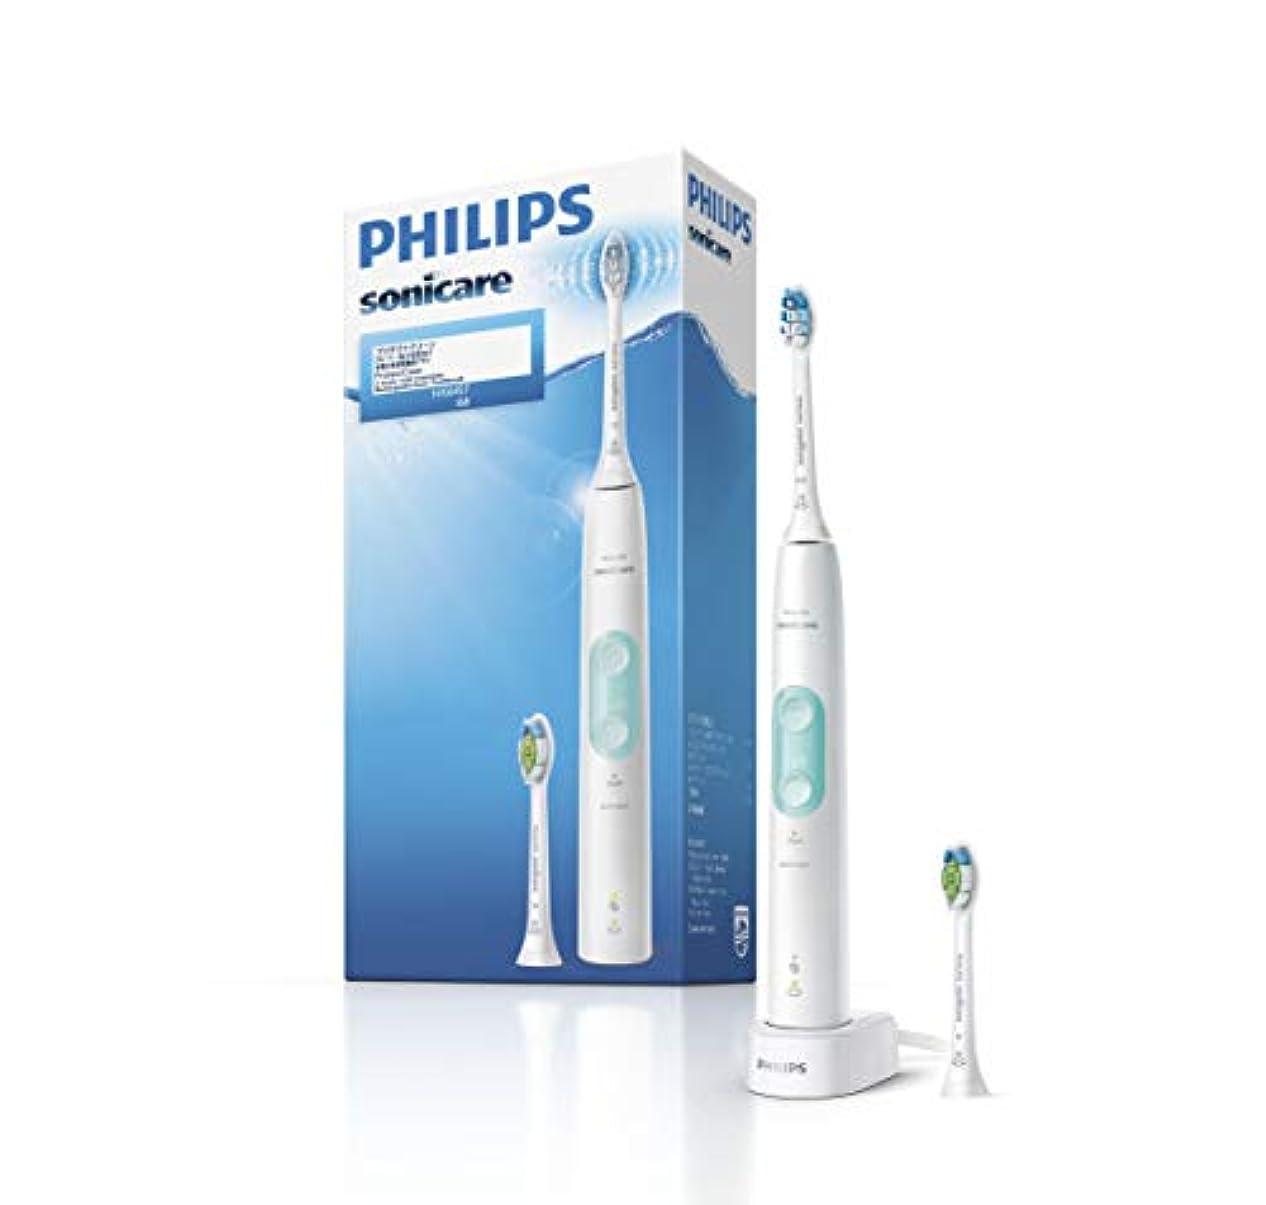 最も早い起訴する銛フィリップス ソニッケアー プロテクトクリーン プラス 電動歯ブラシ ホワイトミント HX6457/68